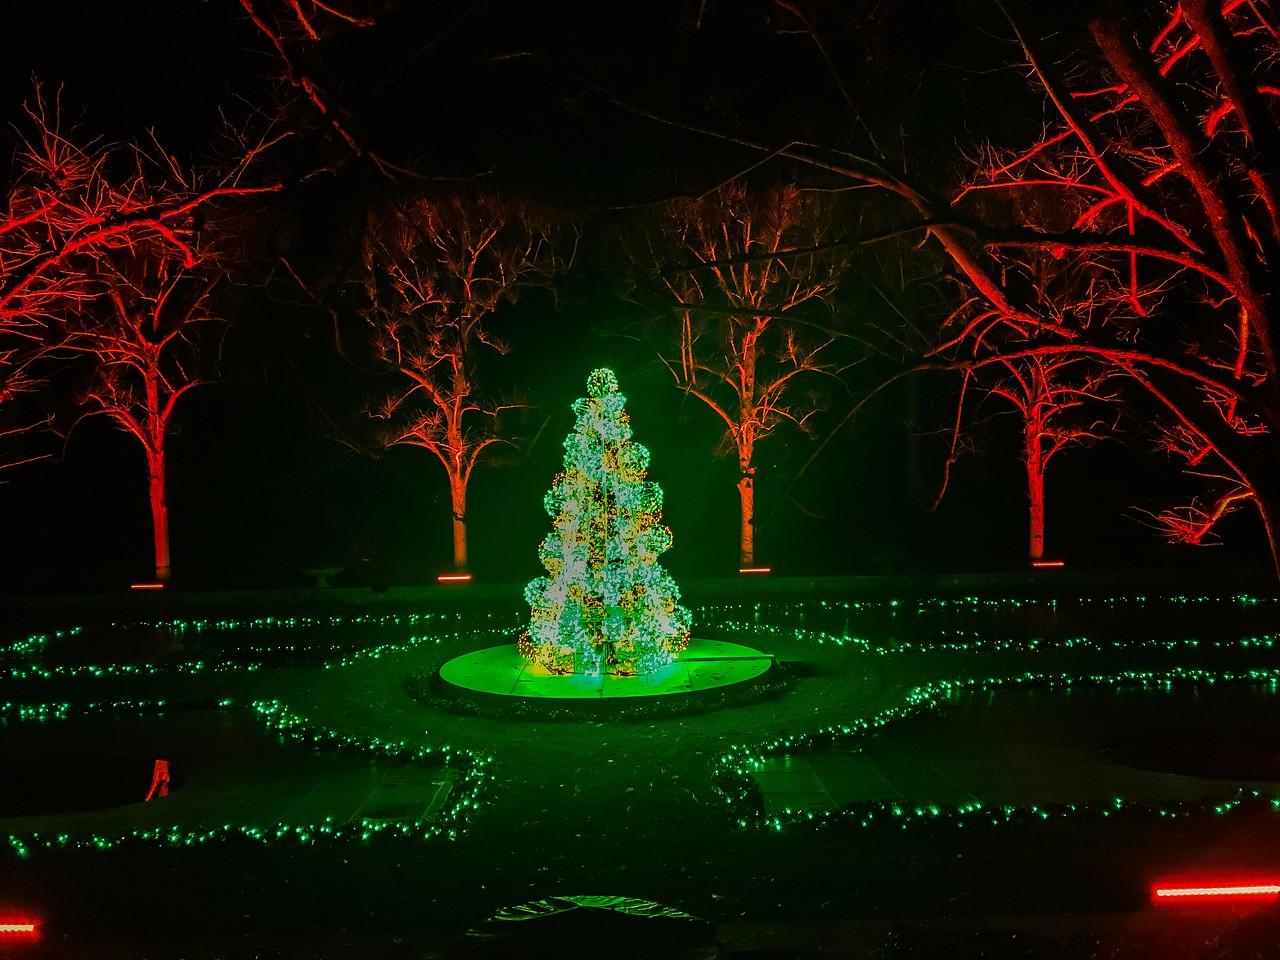 费城长木公园,夜幕下的灿烂_图1-6